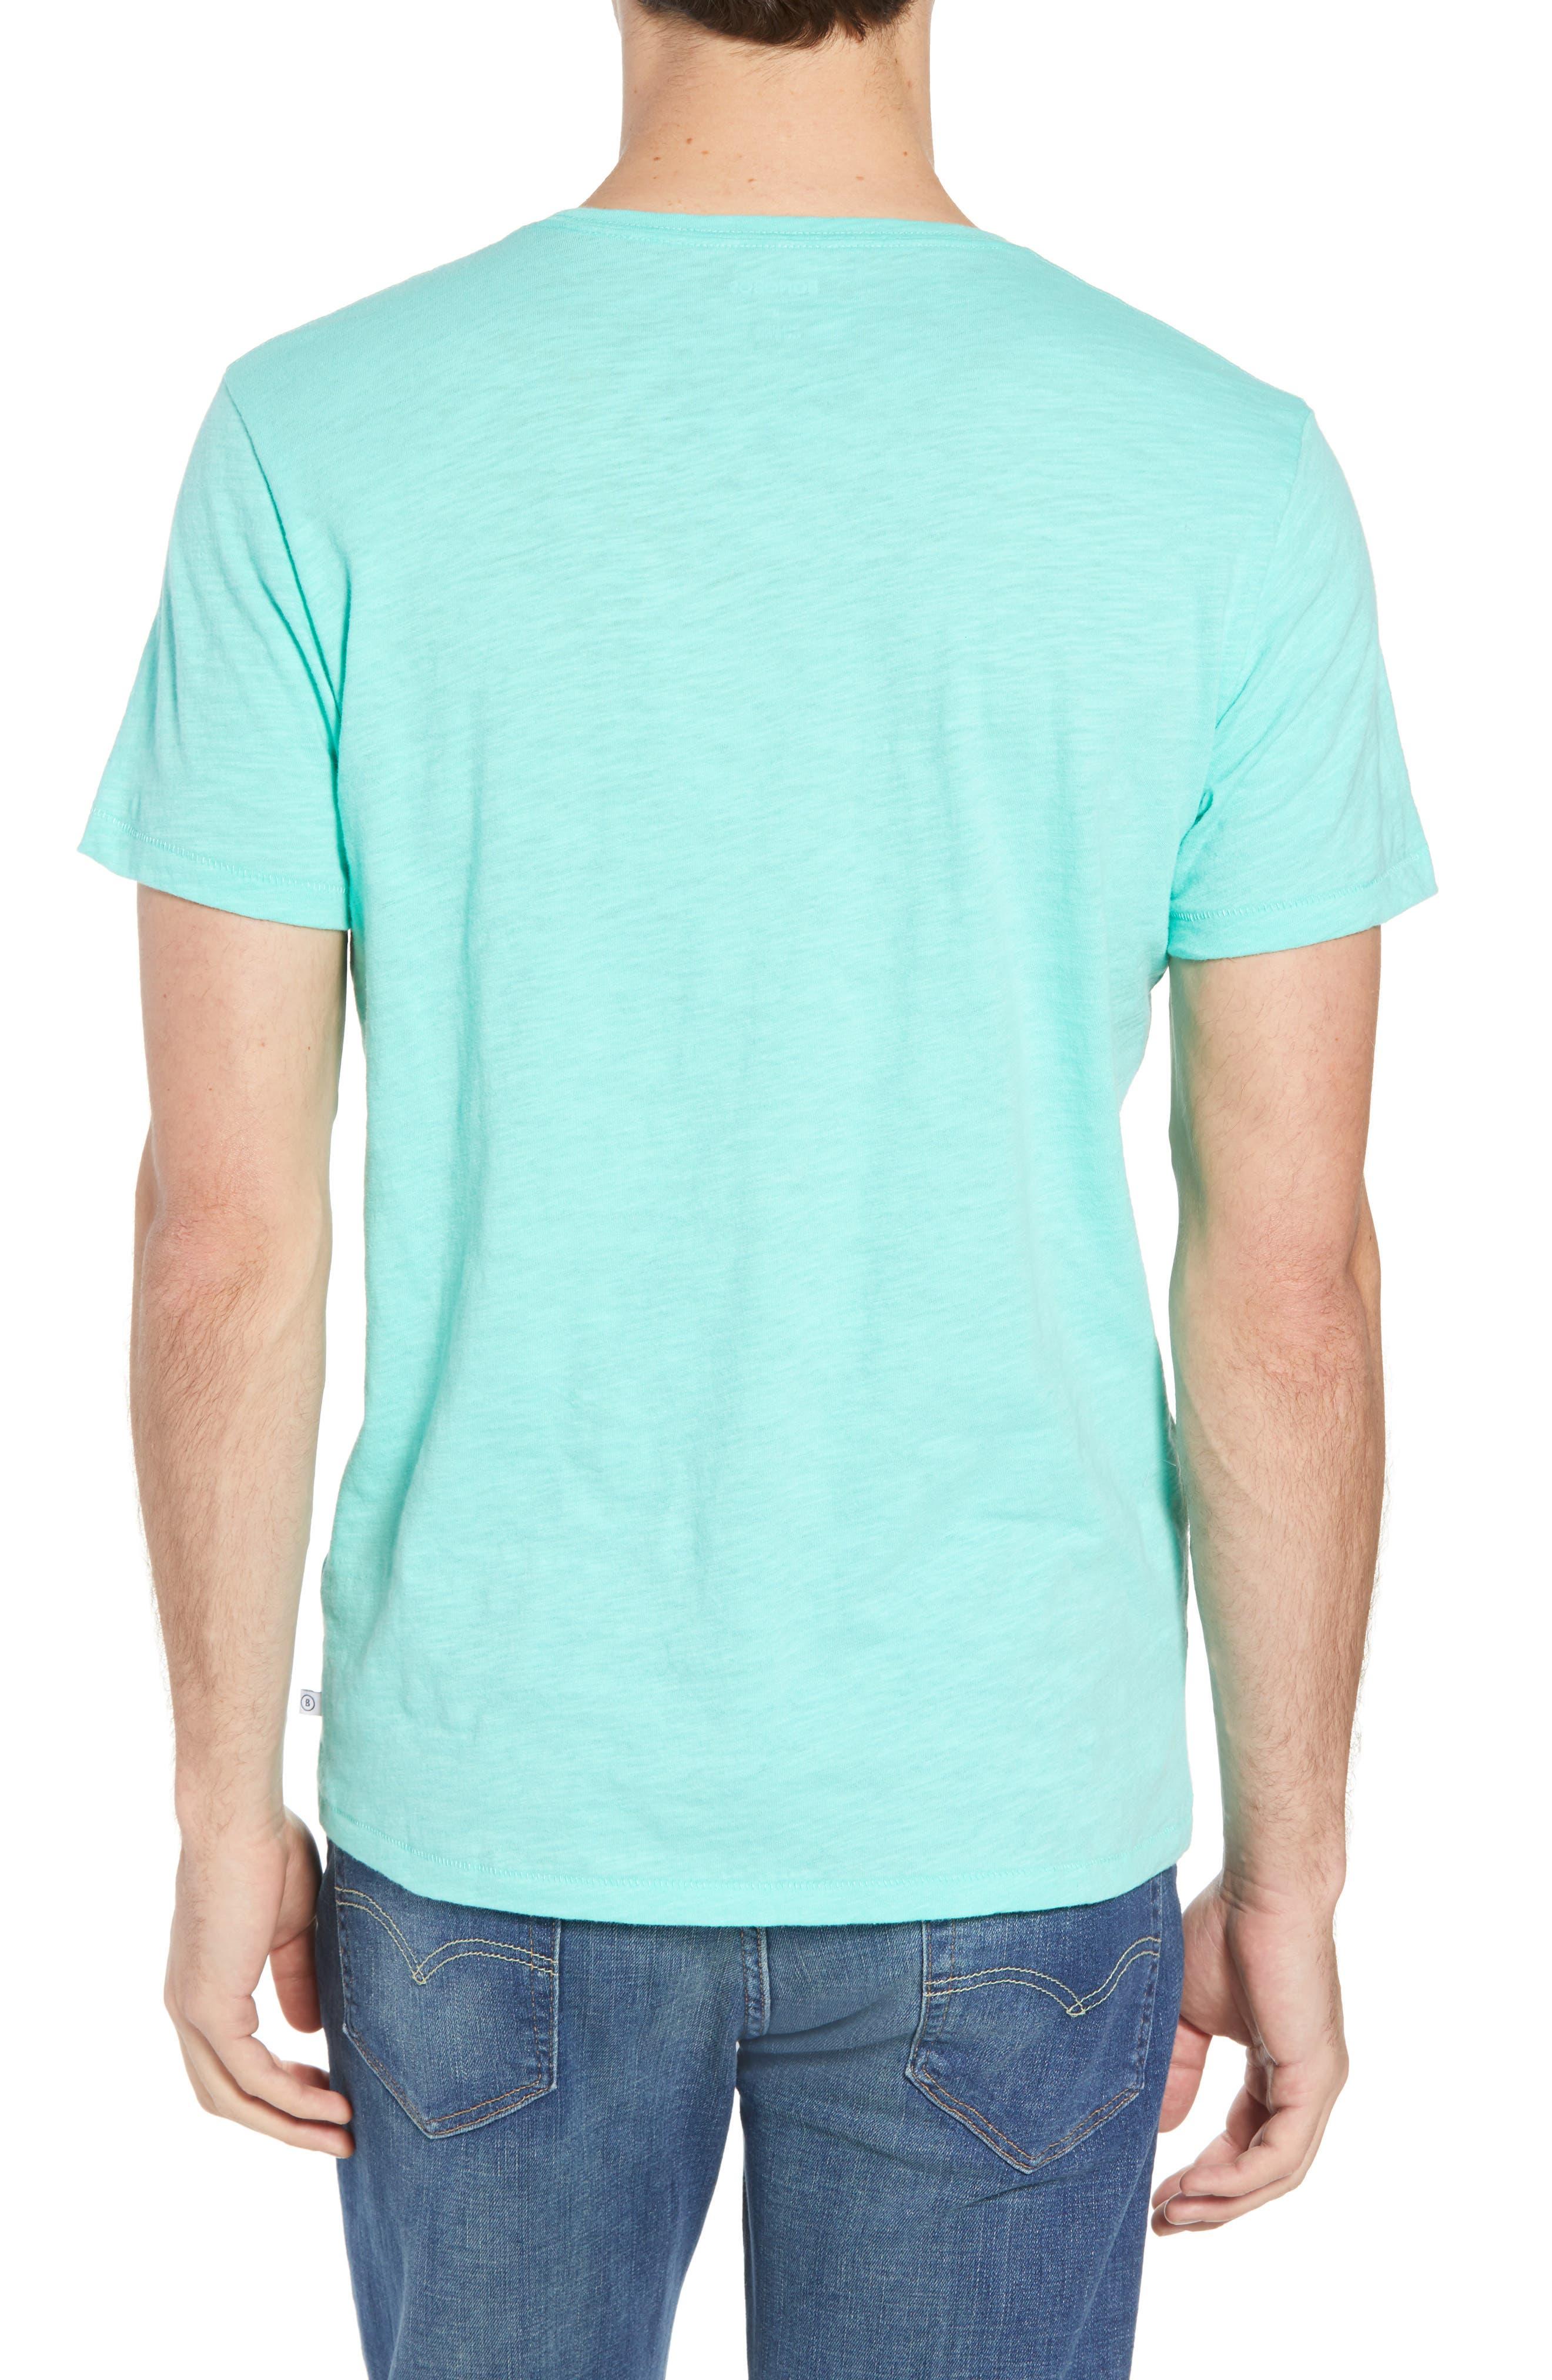 Sup Slub T-Shirt,                             Alternate thumbnail 2, color,                             300